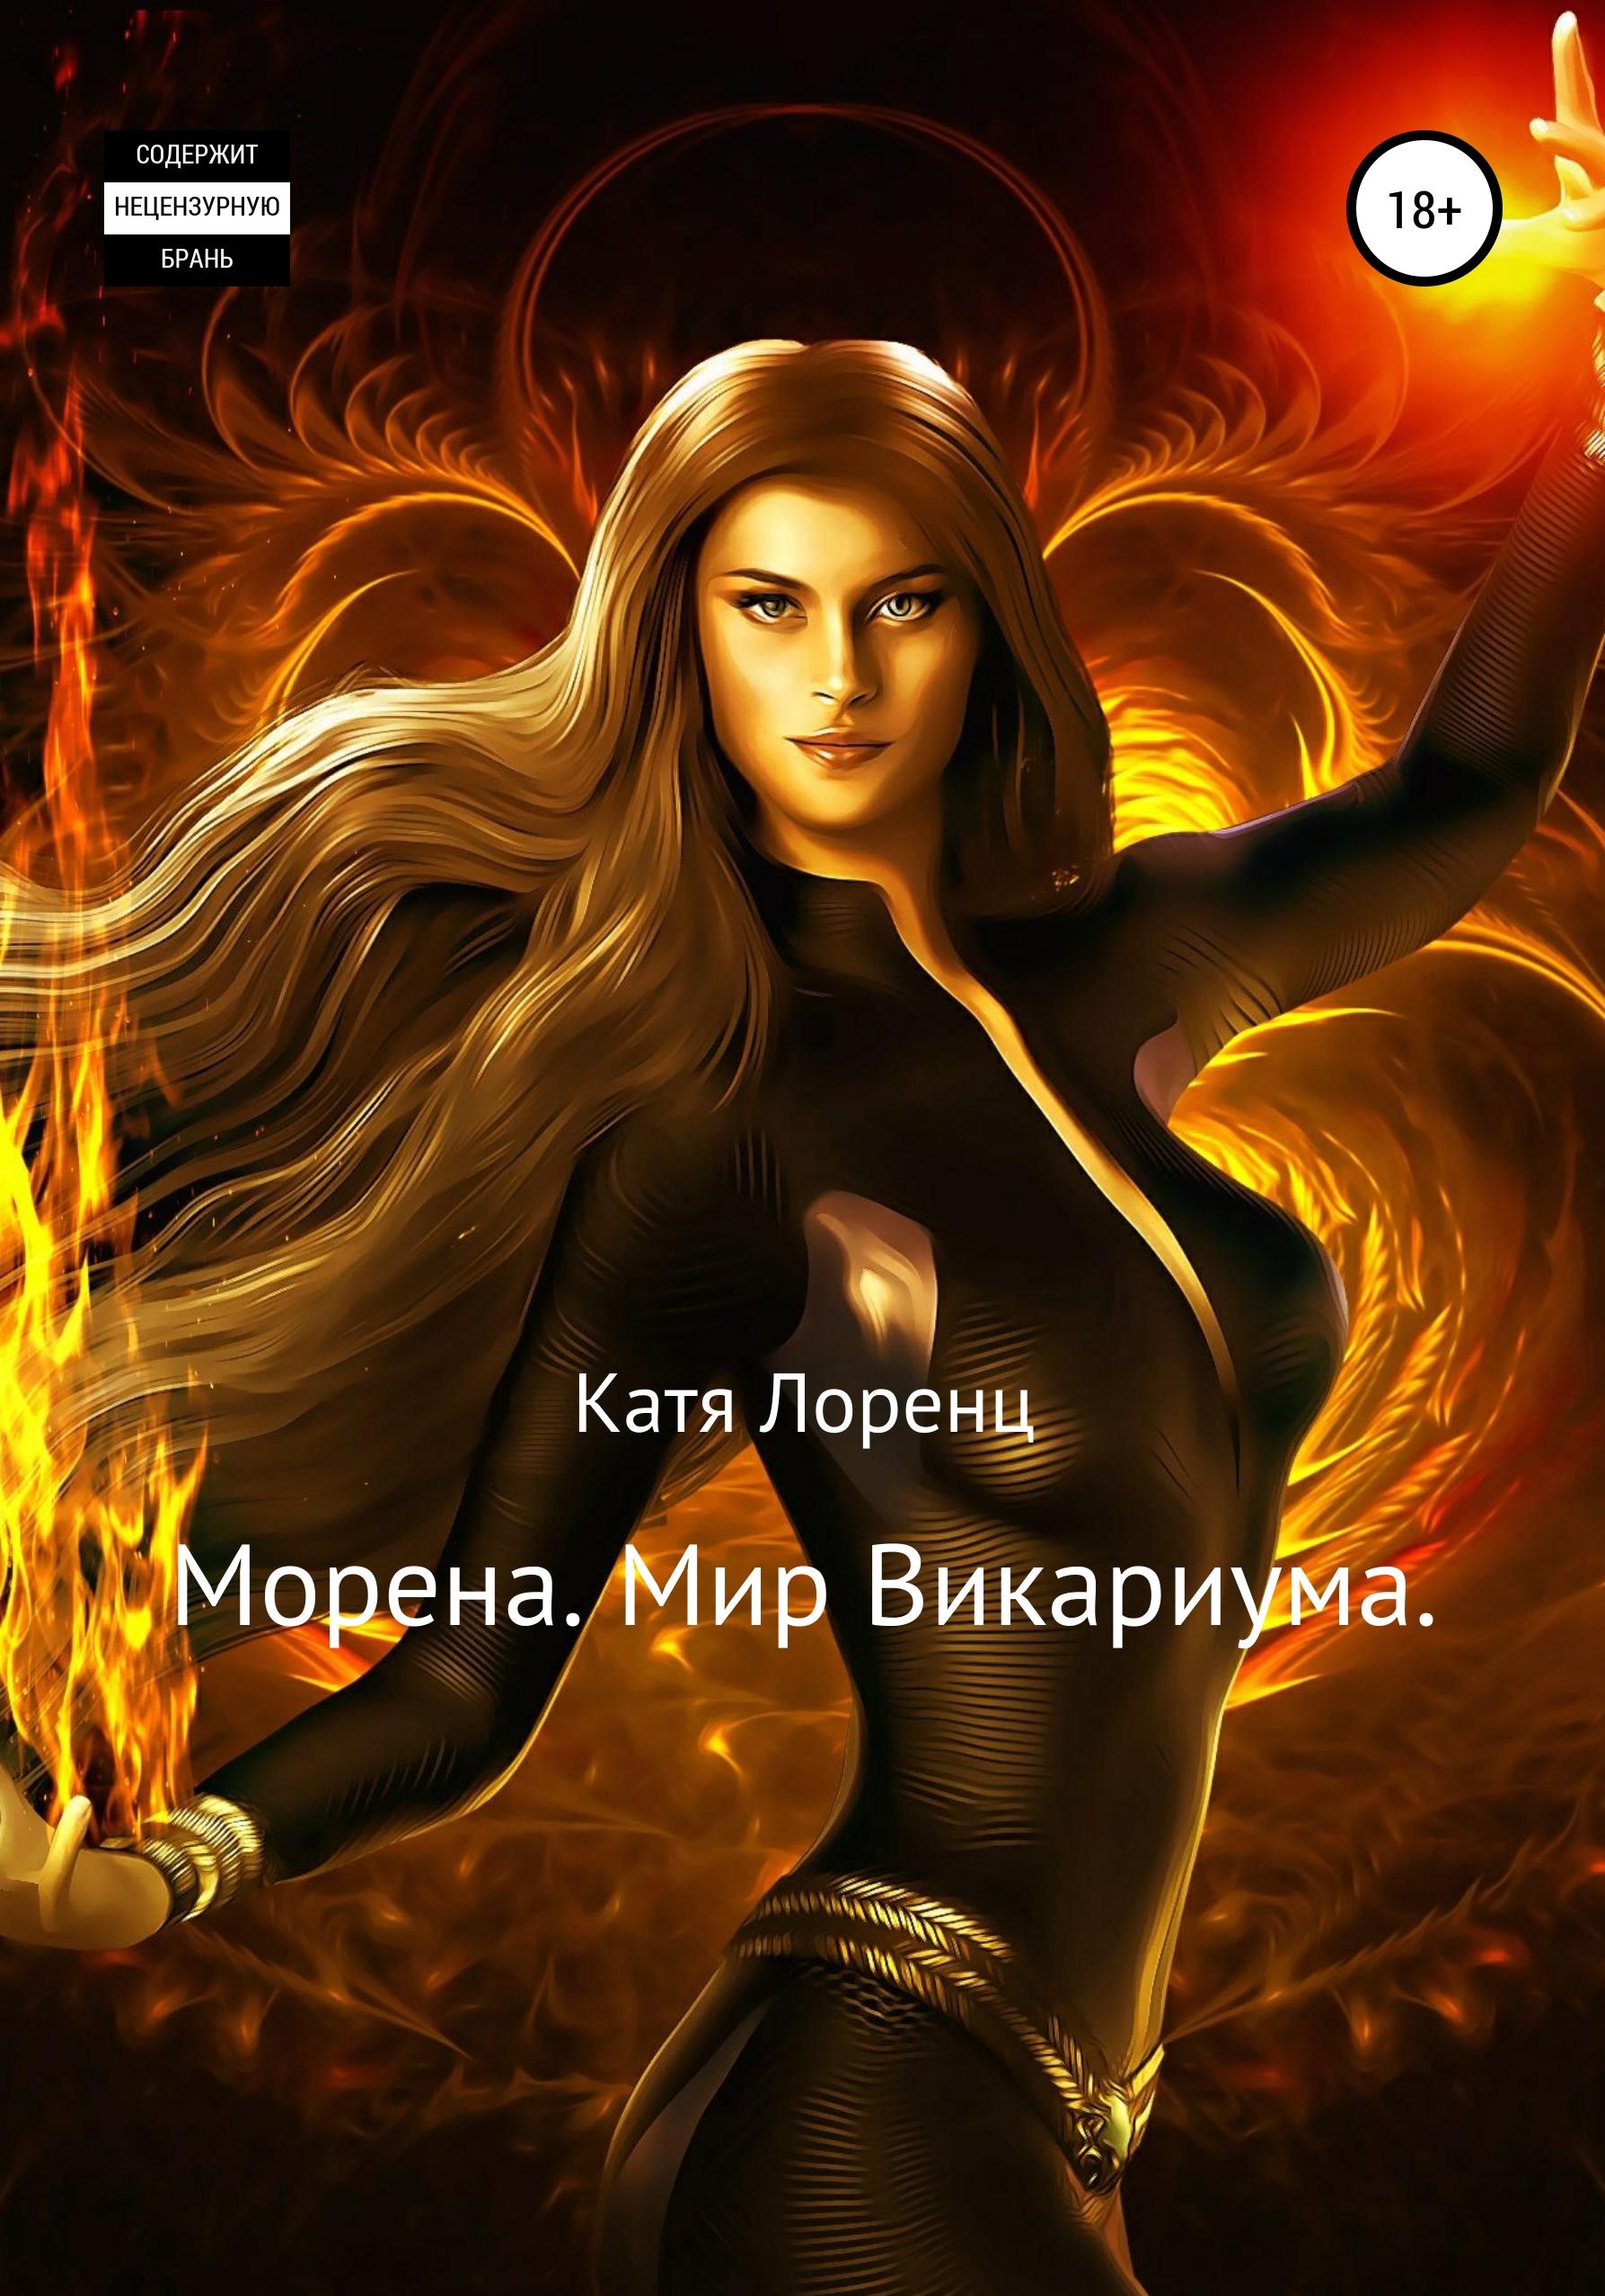 Екатерина Владимировна Лоренц Морена. Мир Викариума я парень из питера